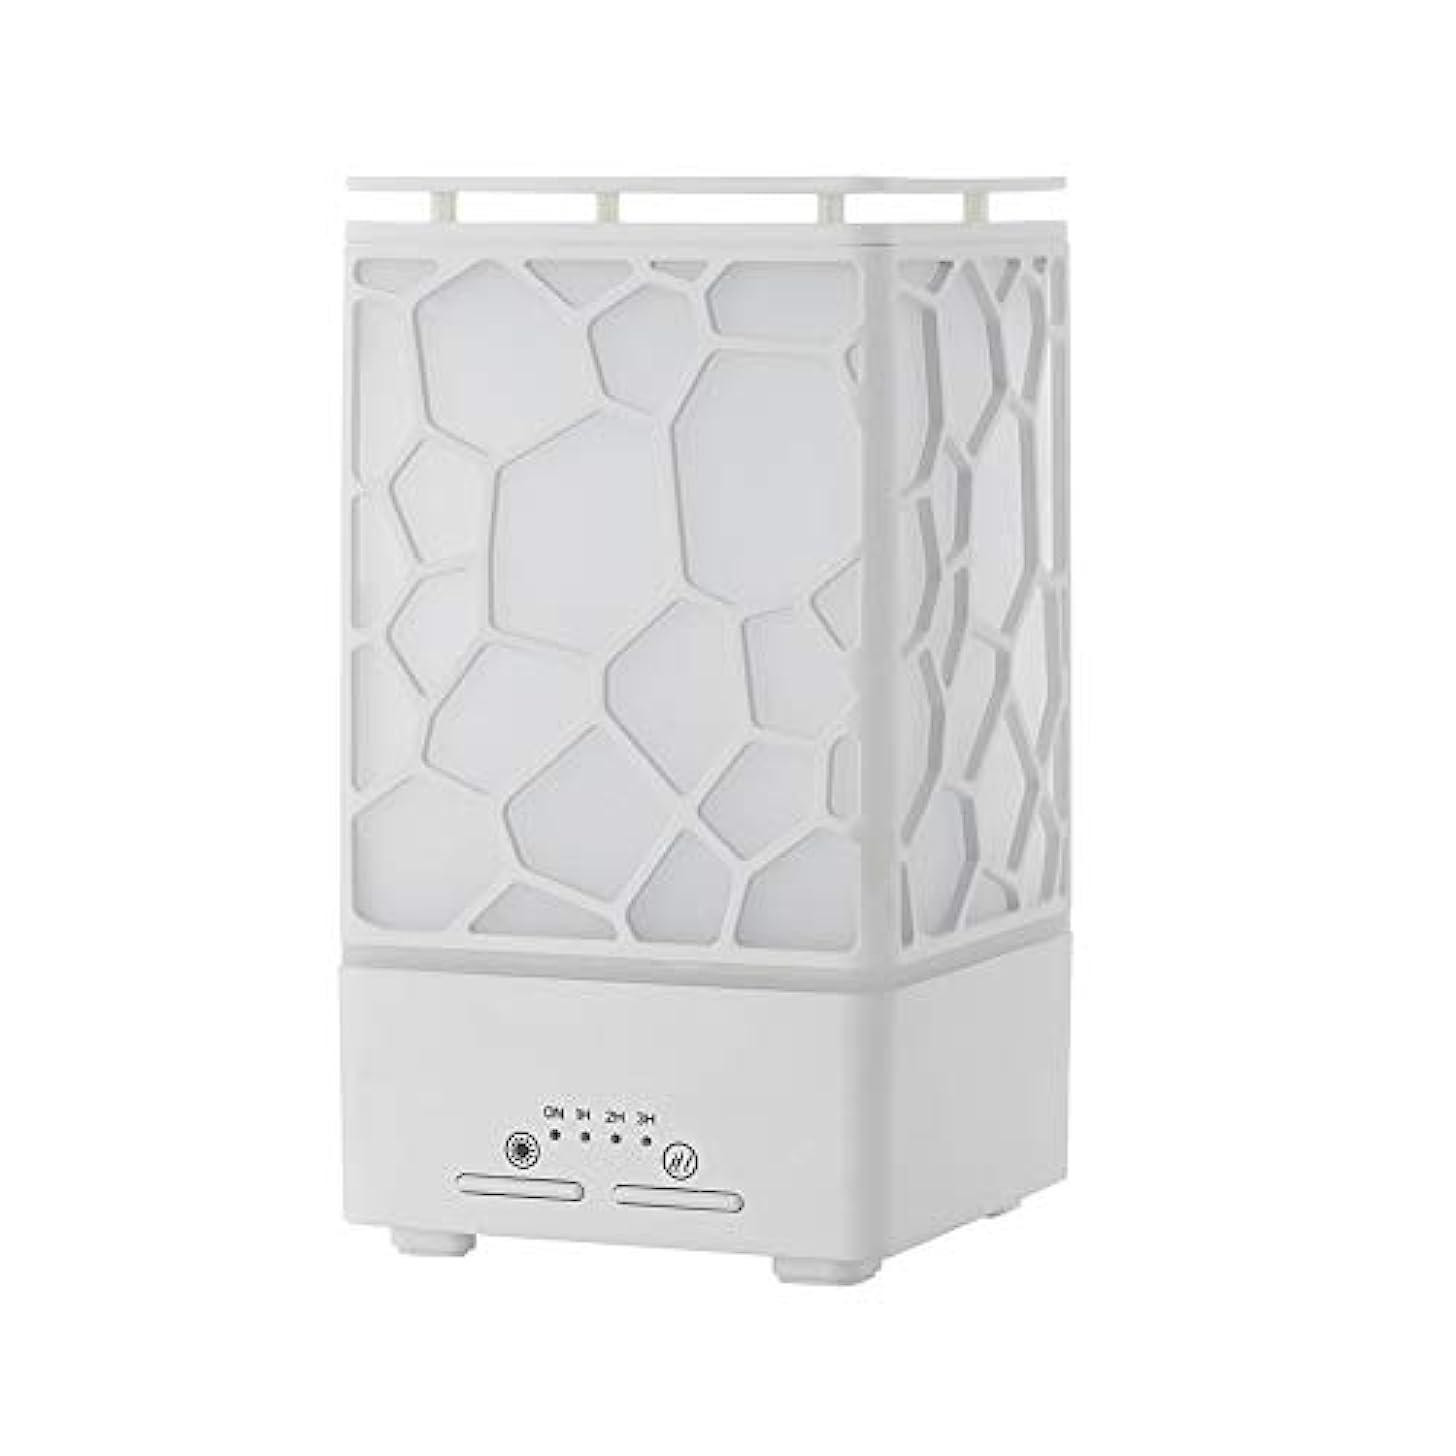 型王位リンスデスク ミニ ウォーターキューブ 加湿器,涼しい霧 精油 ディフューザー 超音波式 香り 加湿機 時間 7 色 ホーム Yoga スパ オフィス- 200ml